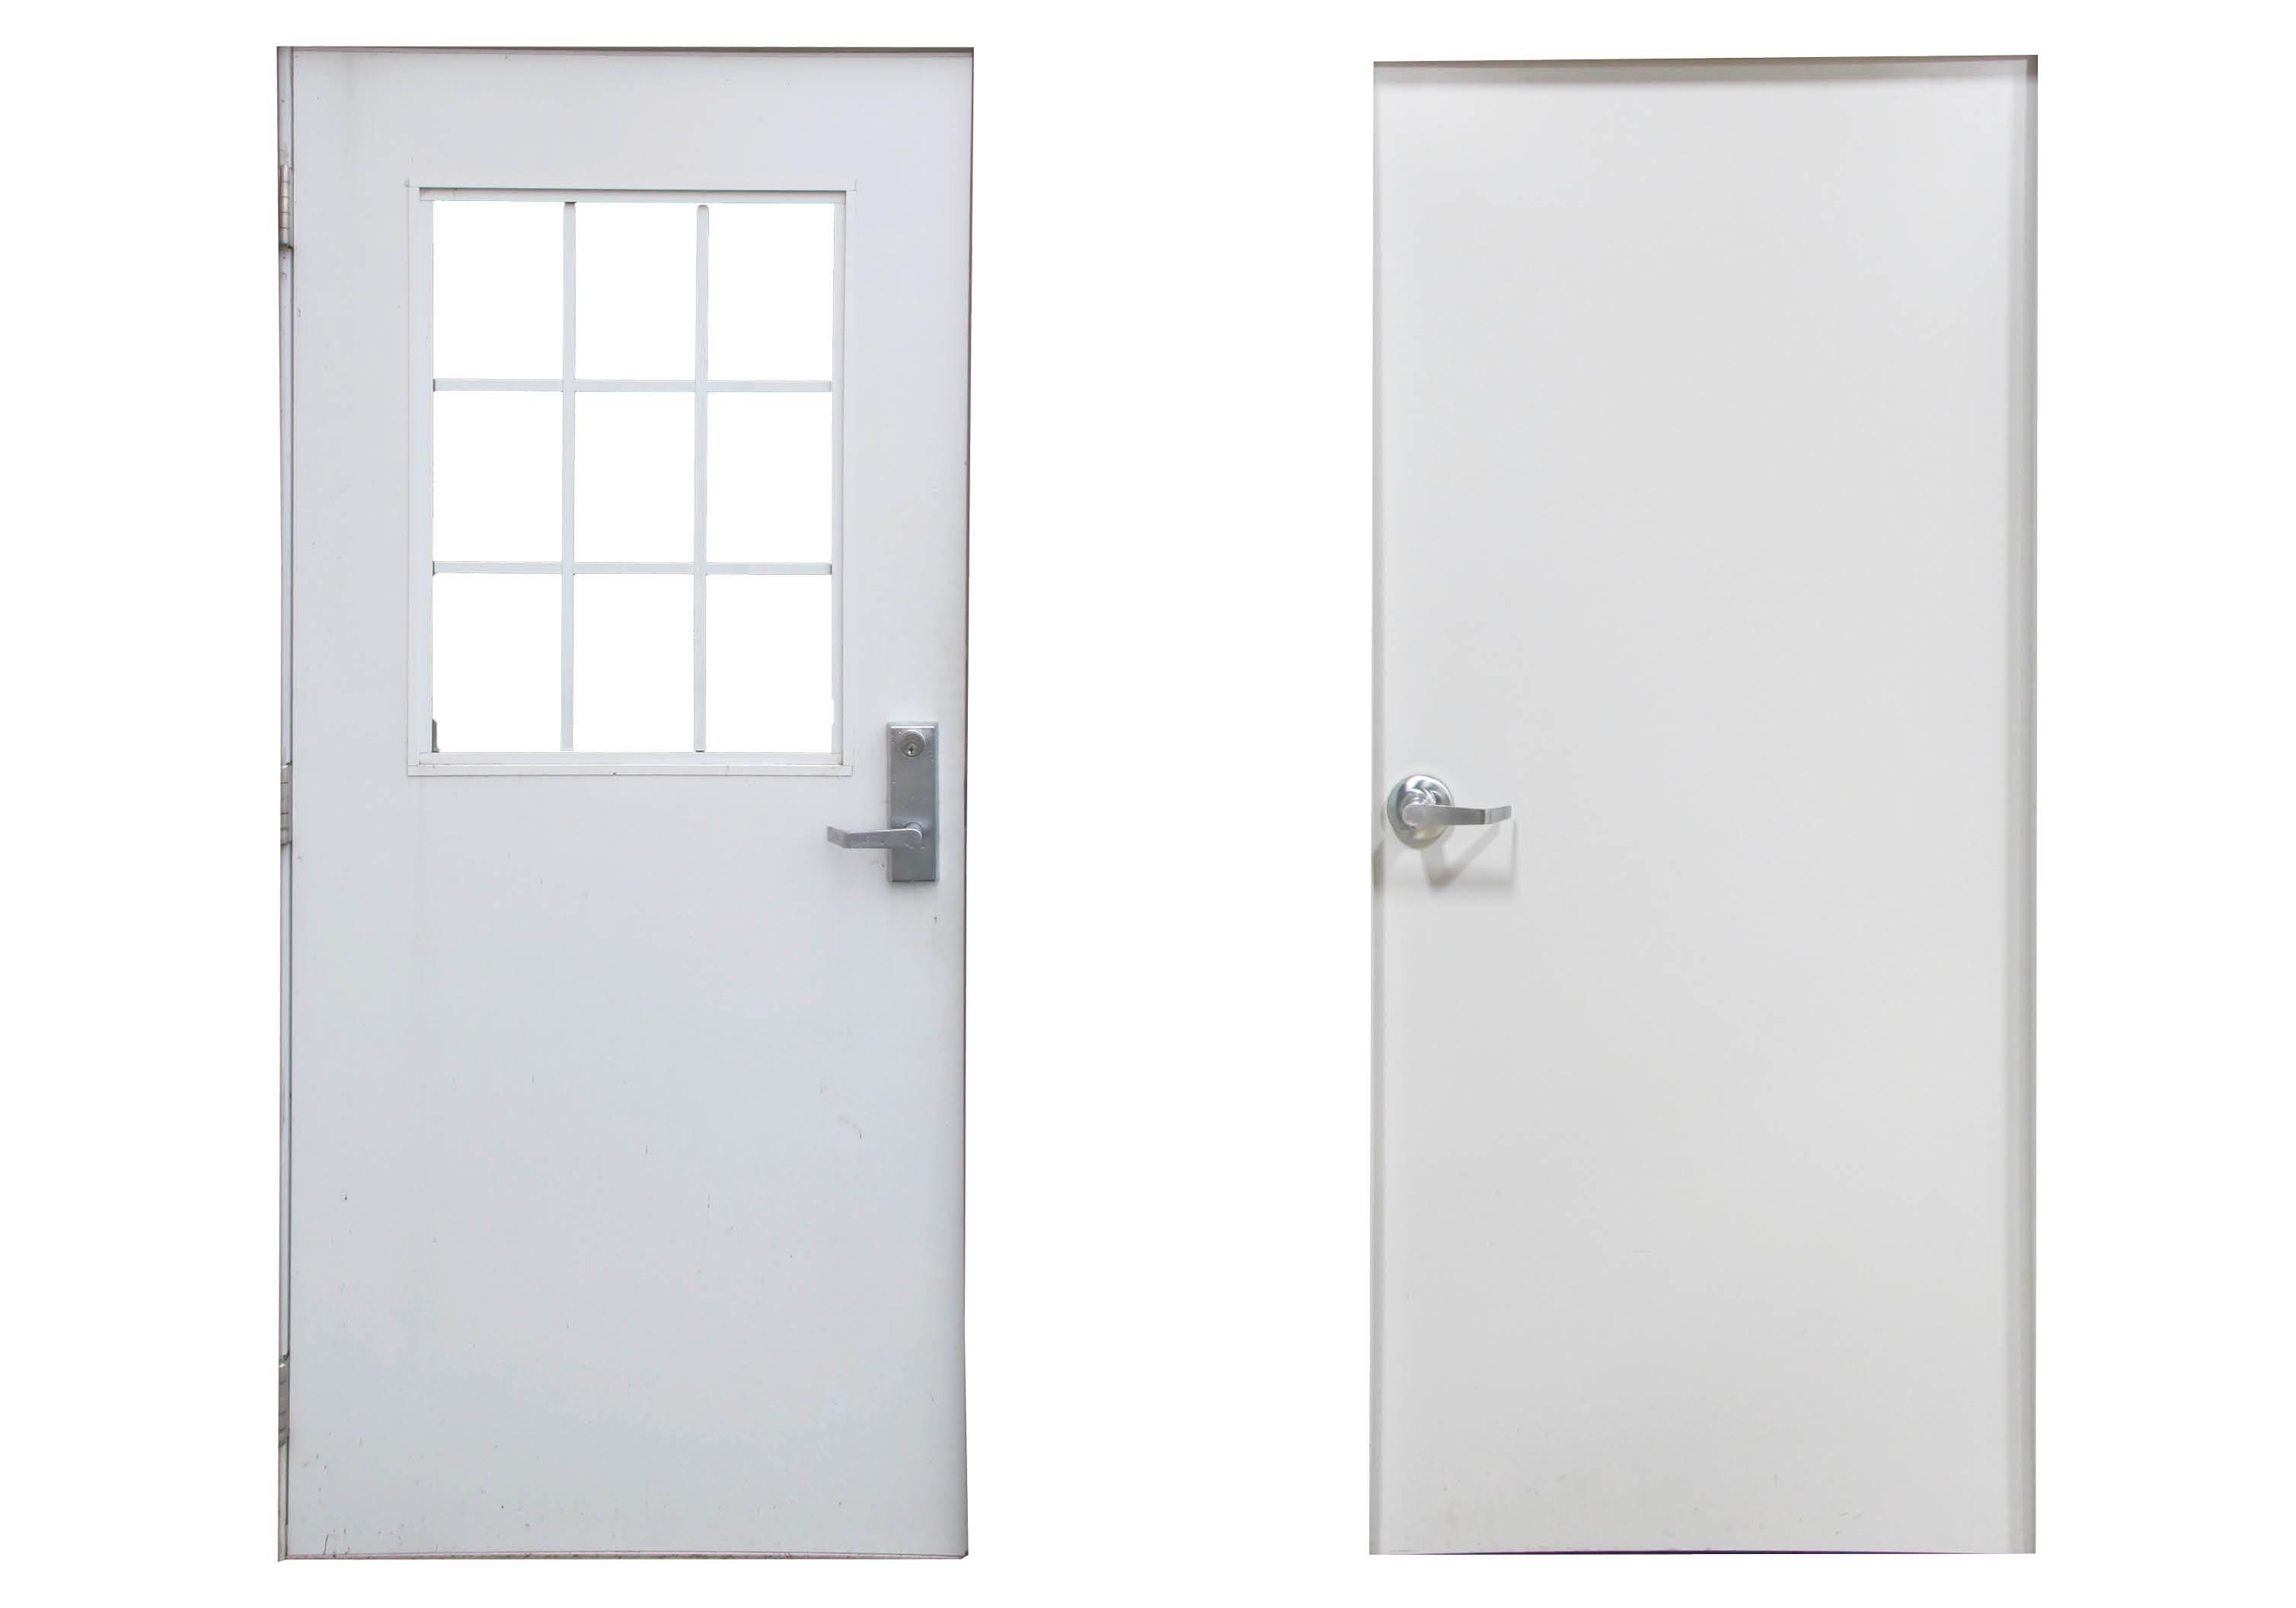 model manufacturers gallery iproview northwest steel image video doors commercial proview llc door